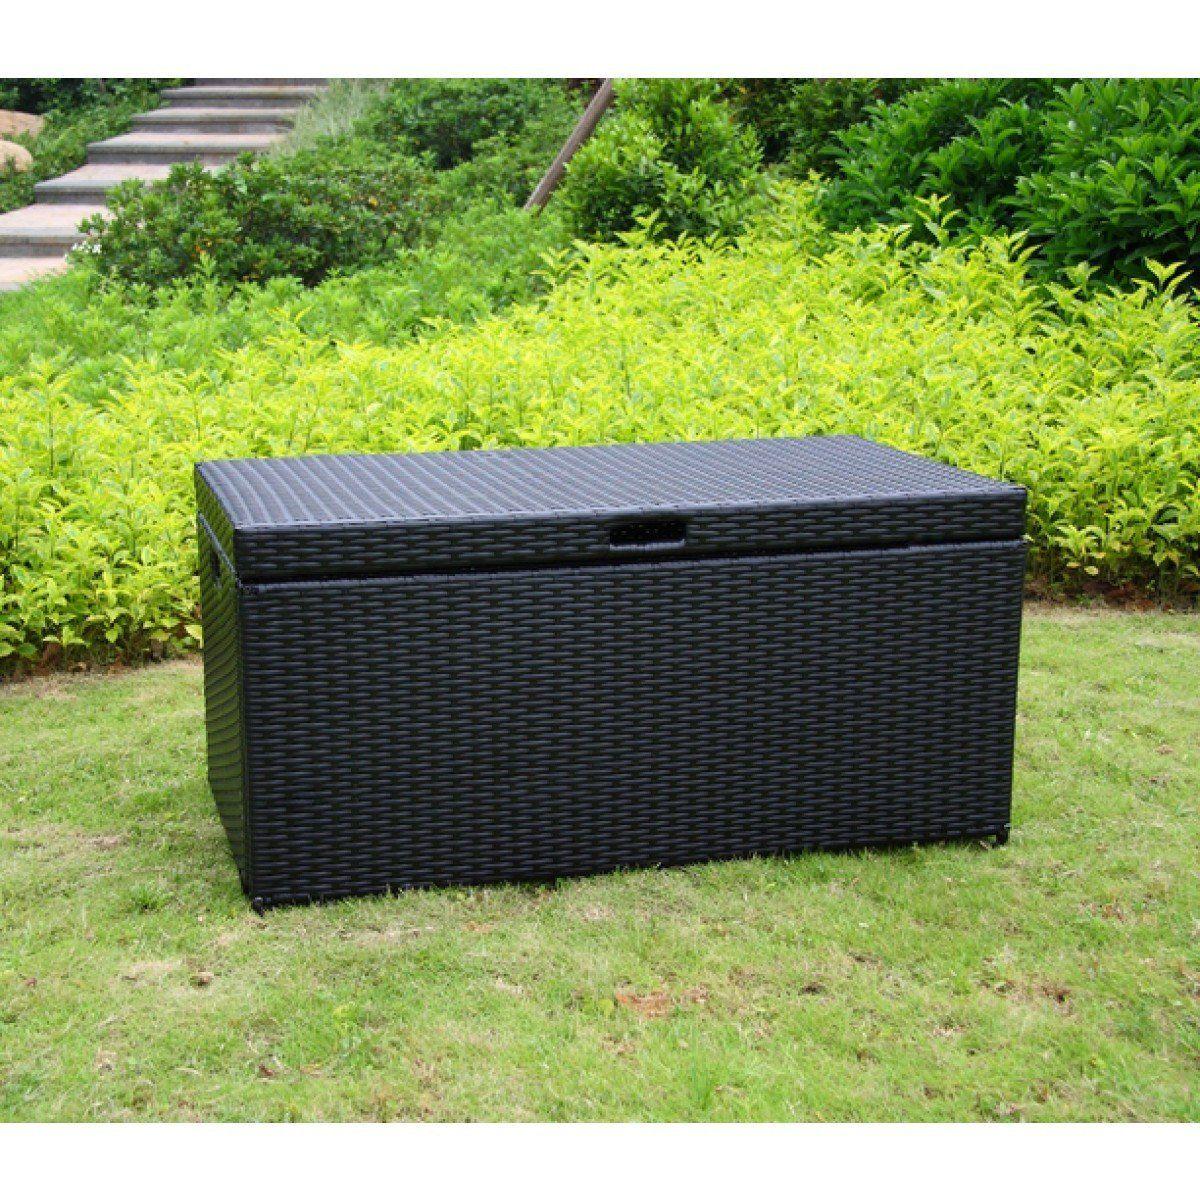 Black Wicker Patio Storage Deck Box Outdoor Wicker Patio